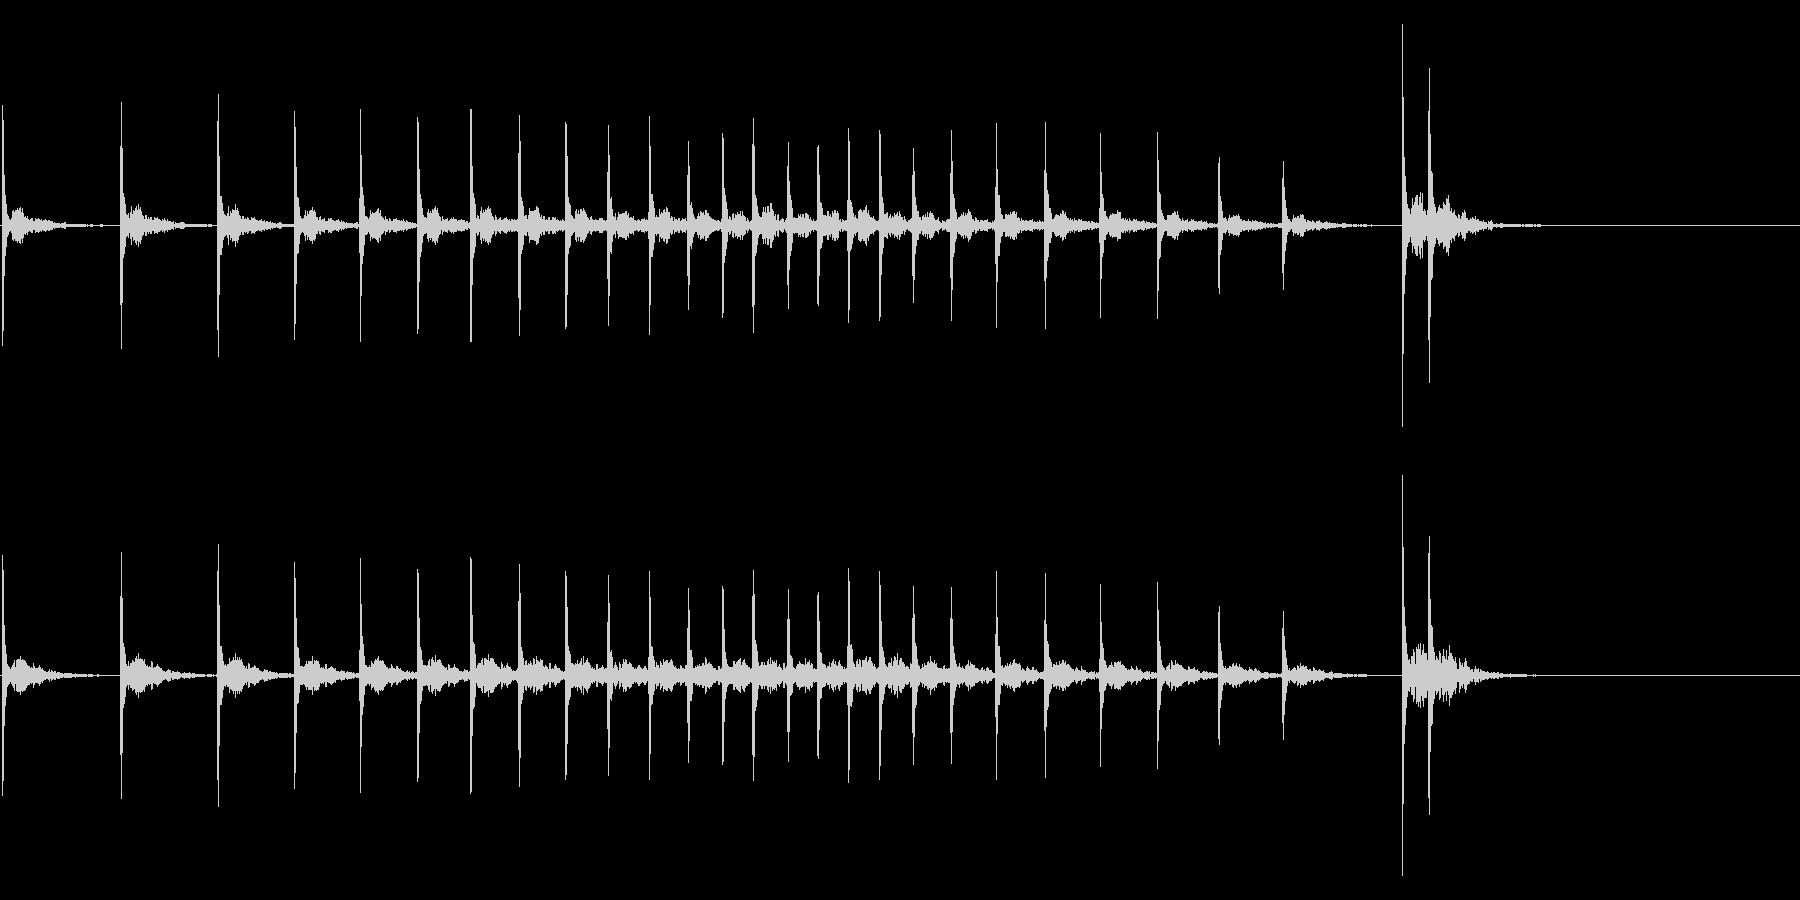 拍子木 歌舞伎調 カンカンカンカンの未再生の波形